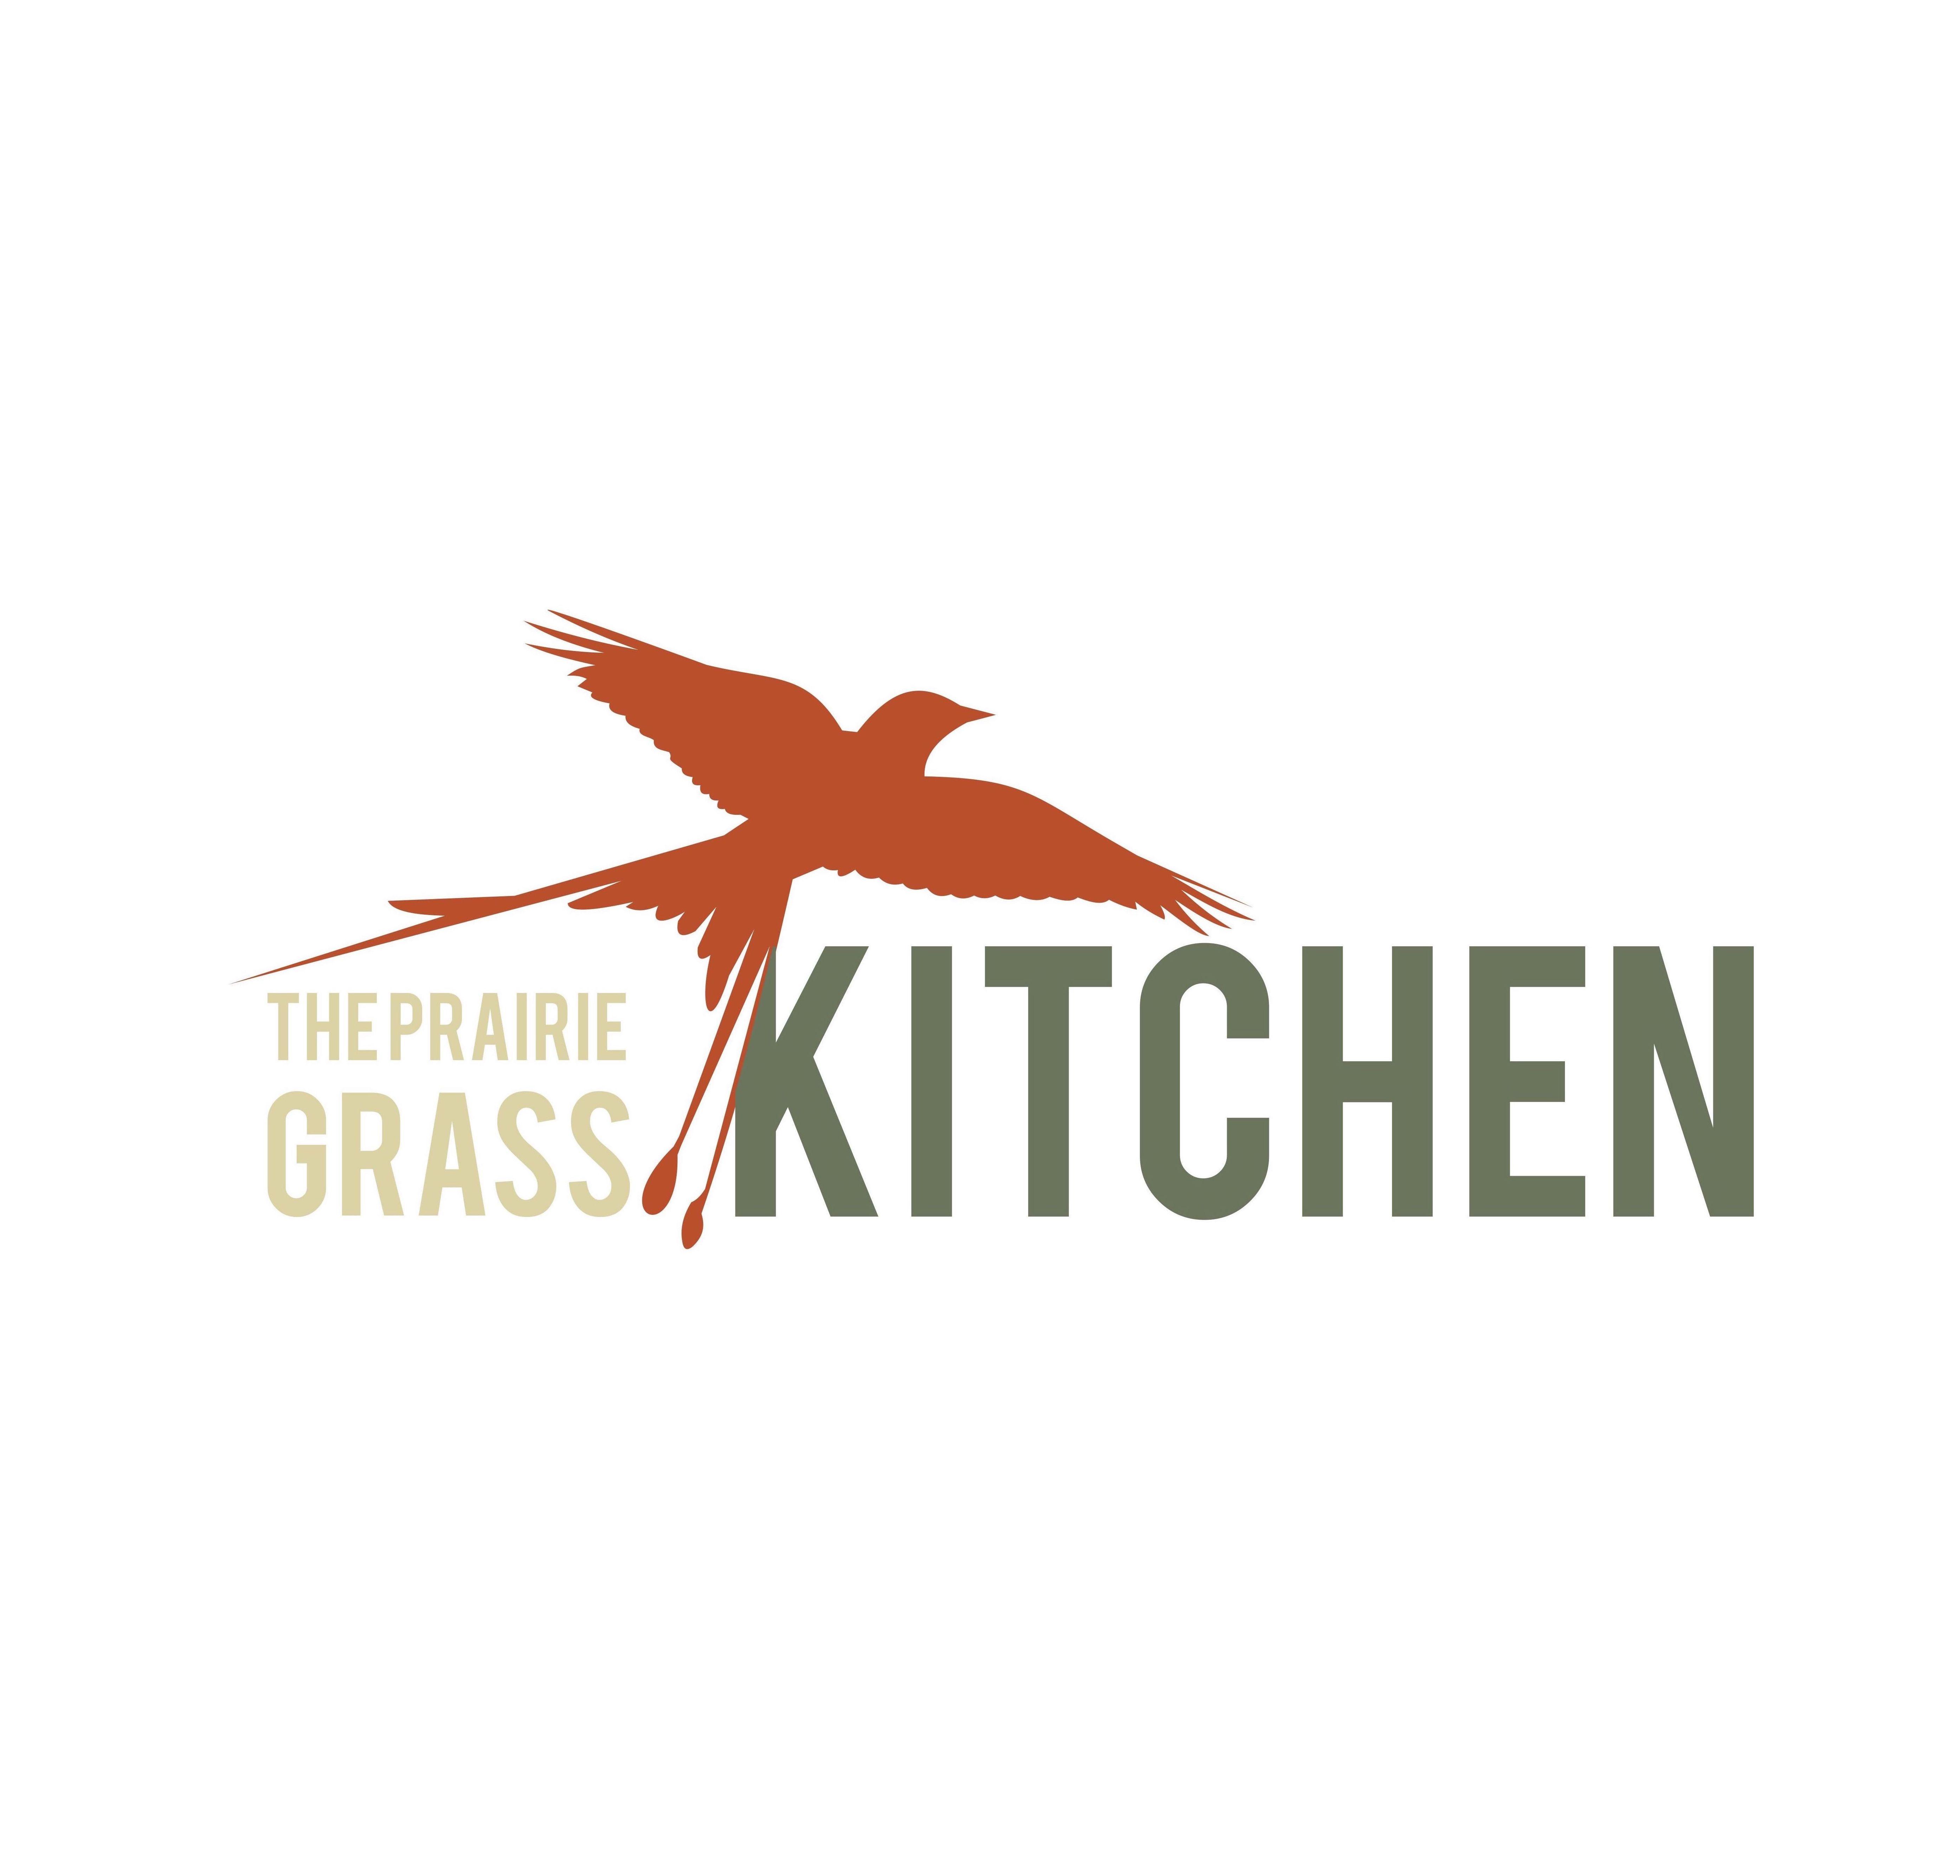 The Prairie Grass Kitchen